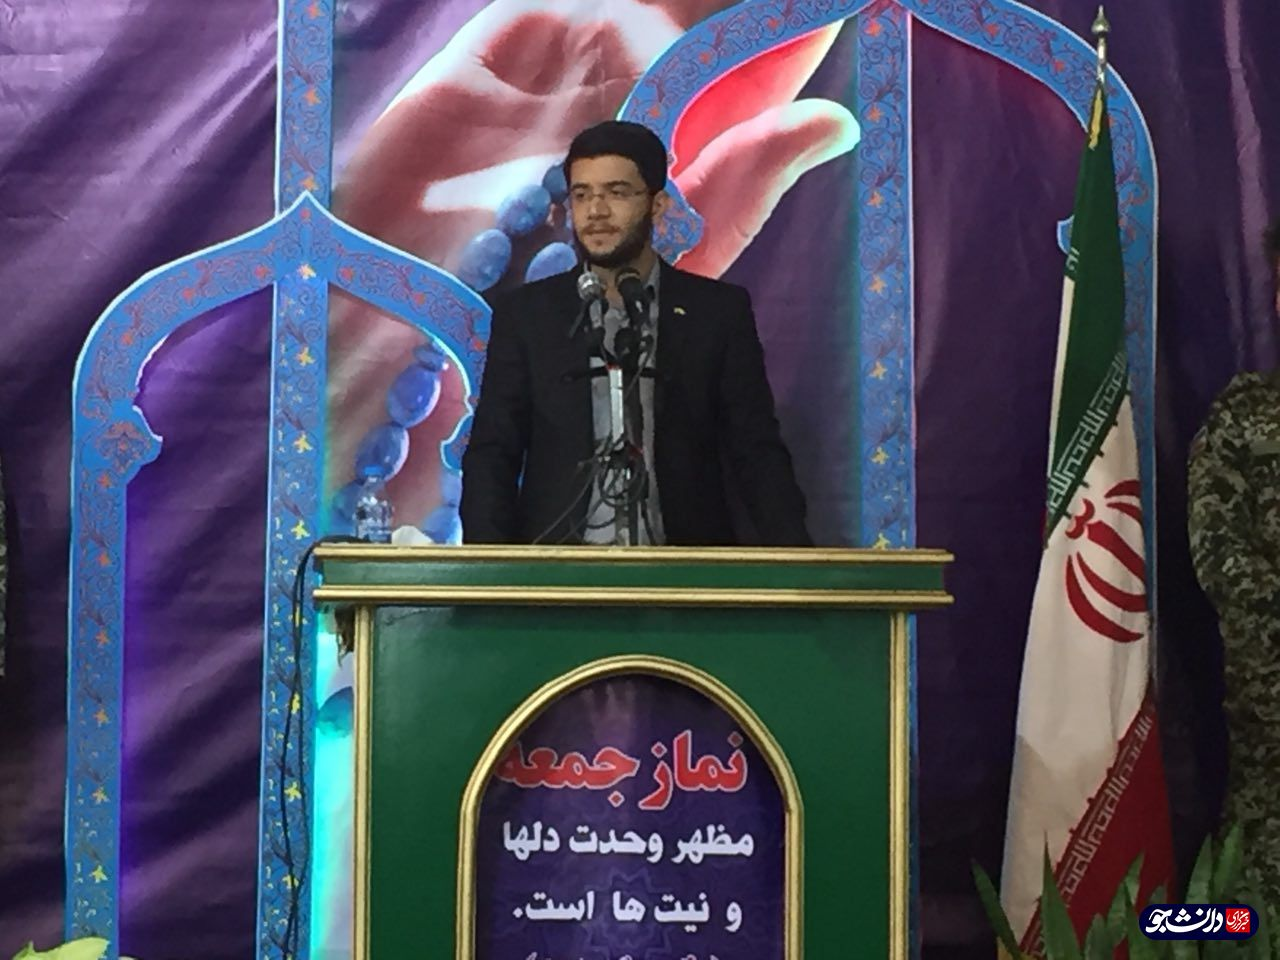 محمد صادق جعفری آزاد لاهیجان